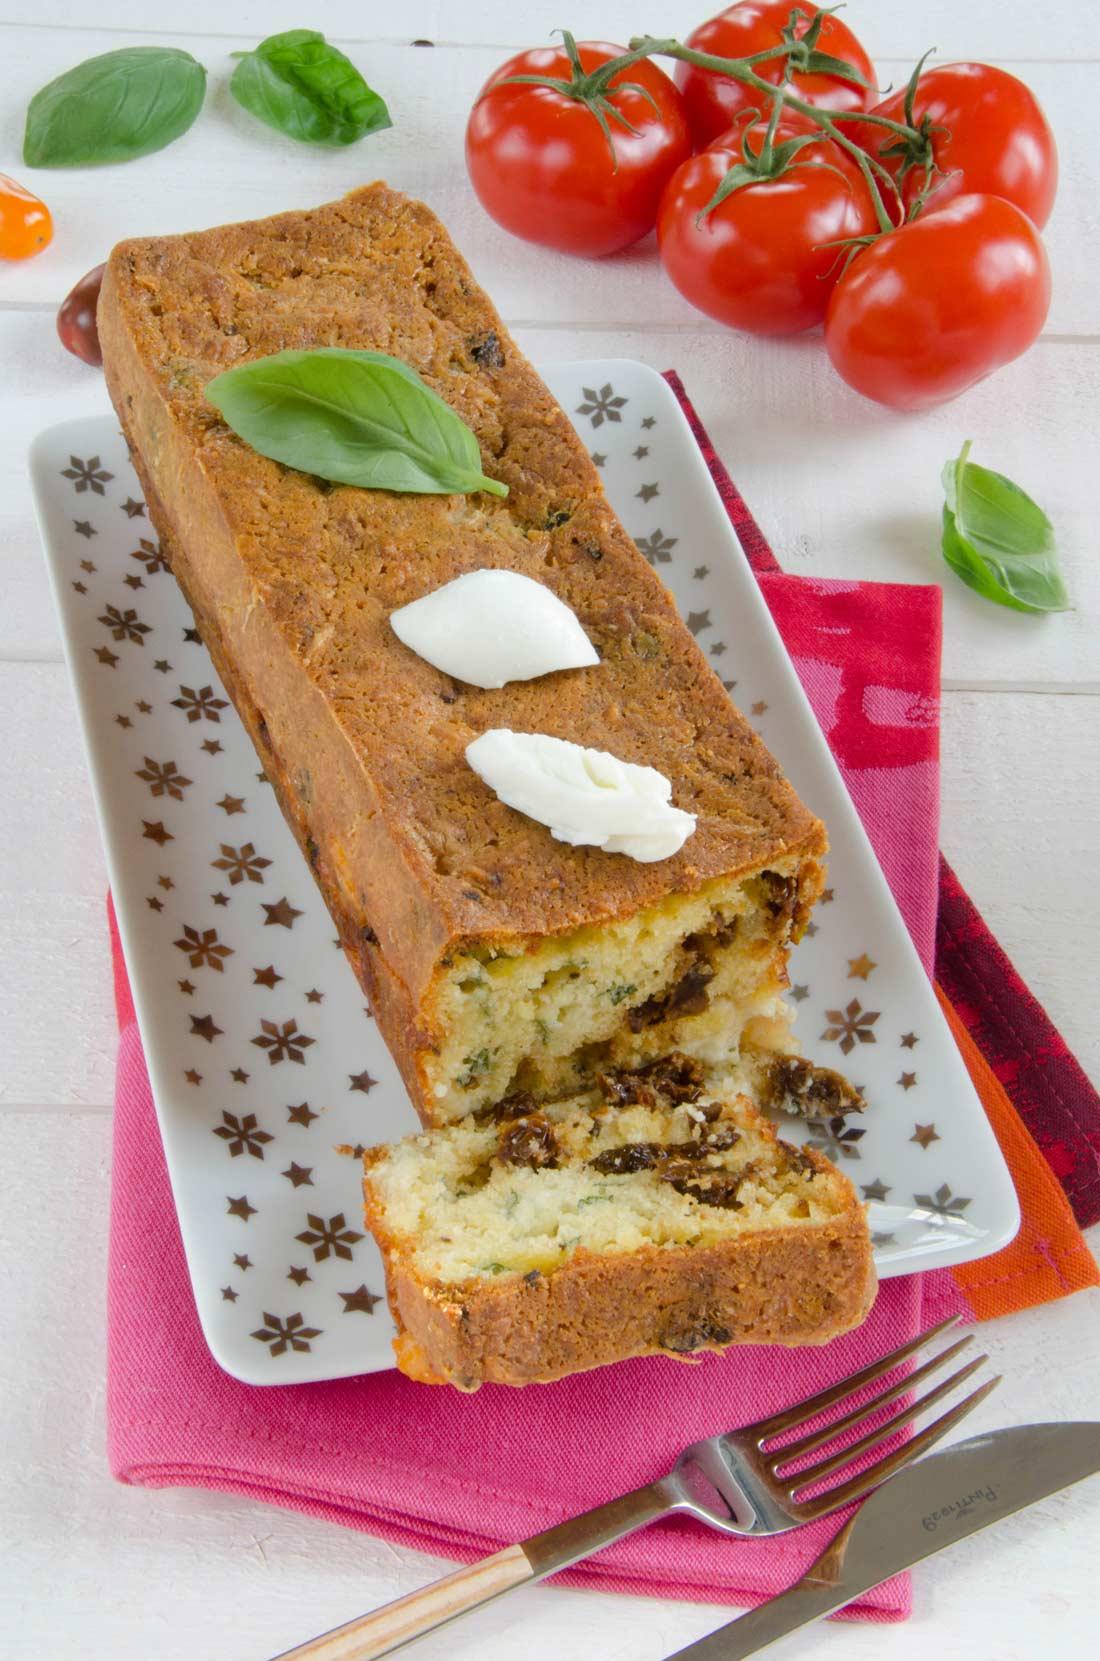 recette de cake mozzarella pour l'apéritif avec des légumes et du fromage